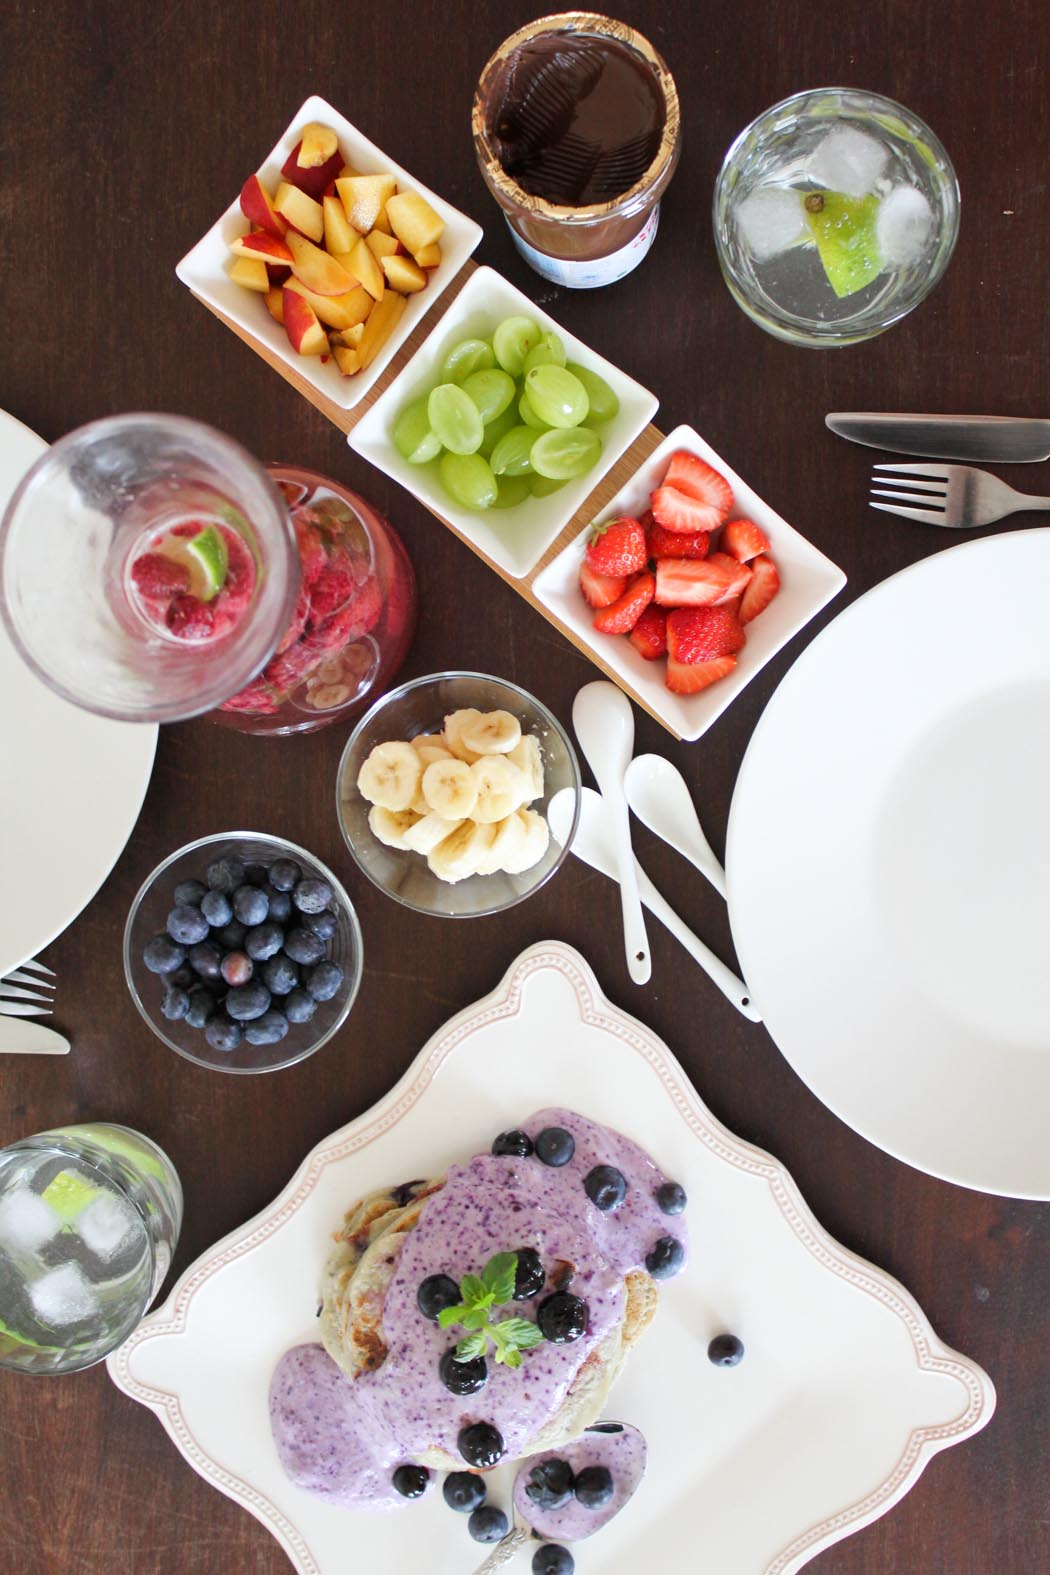 Rezept-Lindarella-Fitnessblogger-Foodblogger-Blueberry-Pancakes-Breakfast--4